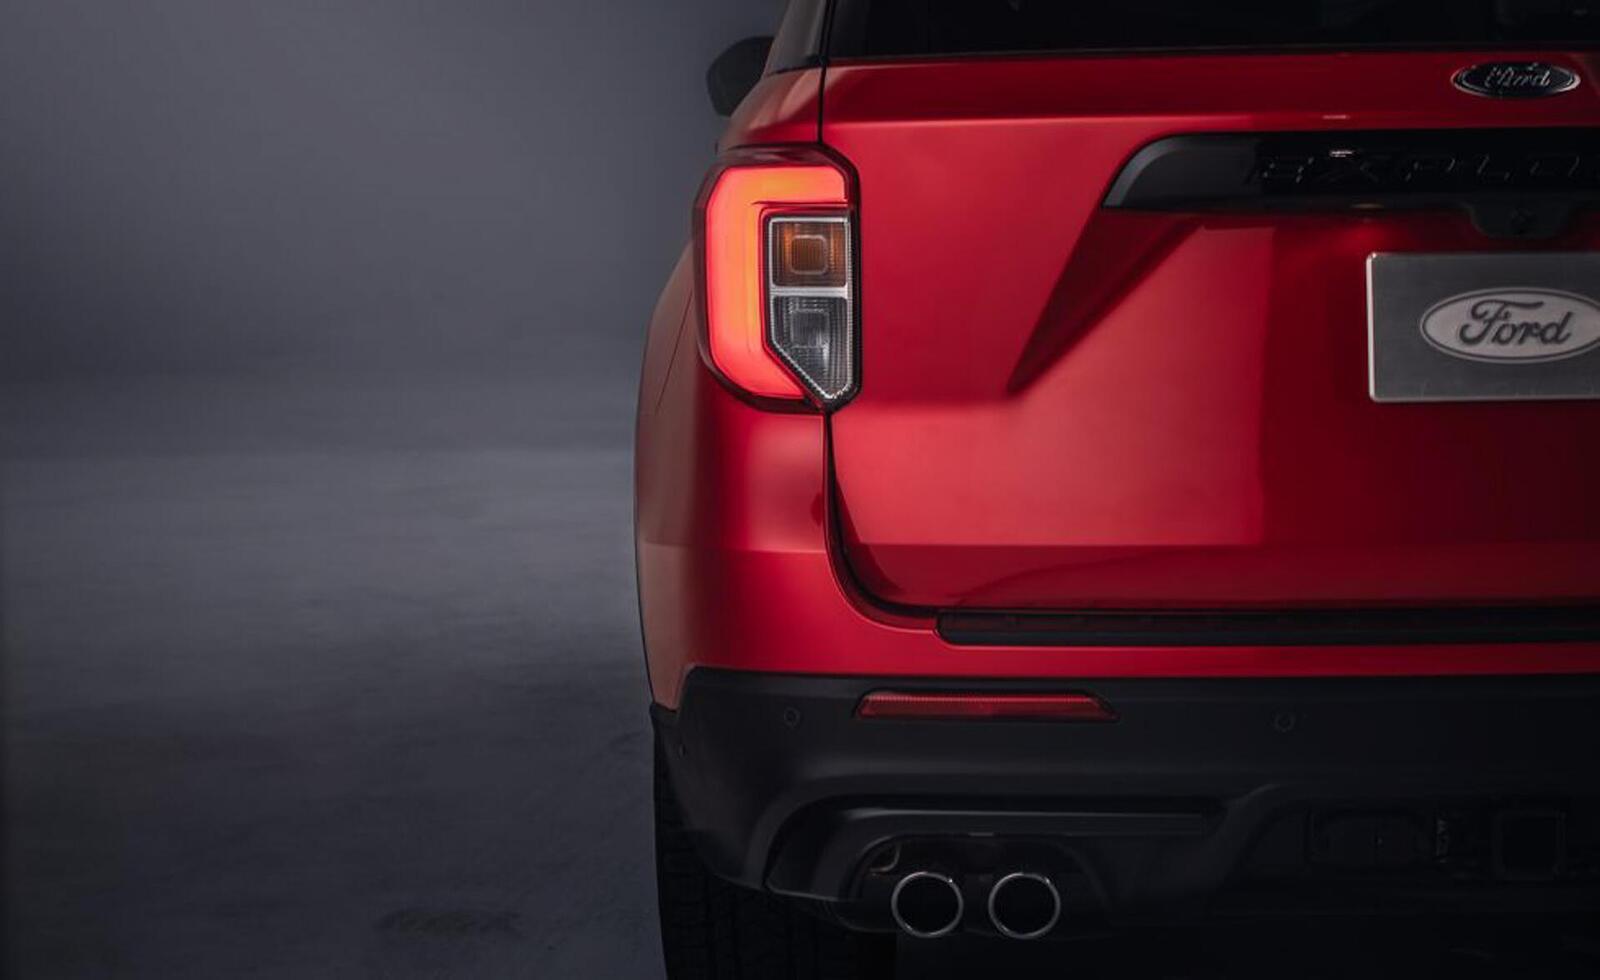 Ford giới thiệu Explorer ST 2020: Phiên bản mạnh nhất lắp máy V6 3.0L tăng áp 400 mã lực - Hình 17